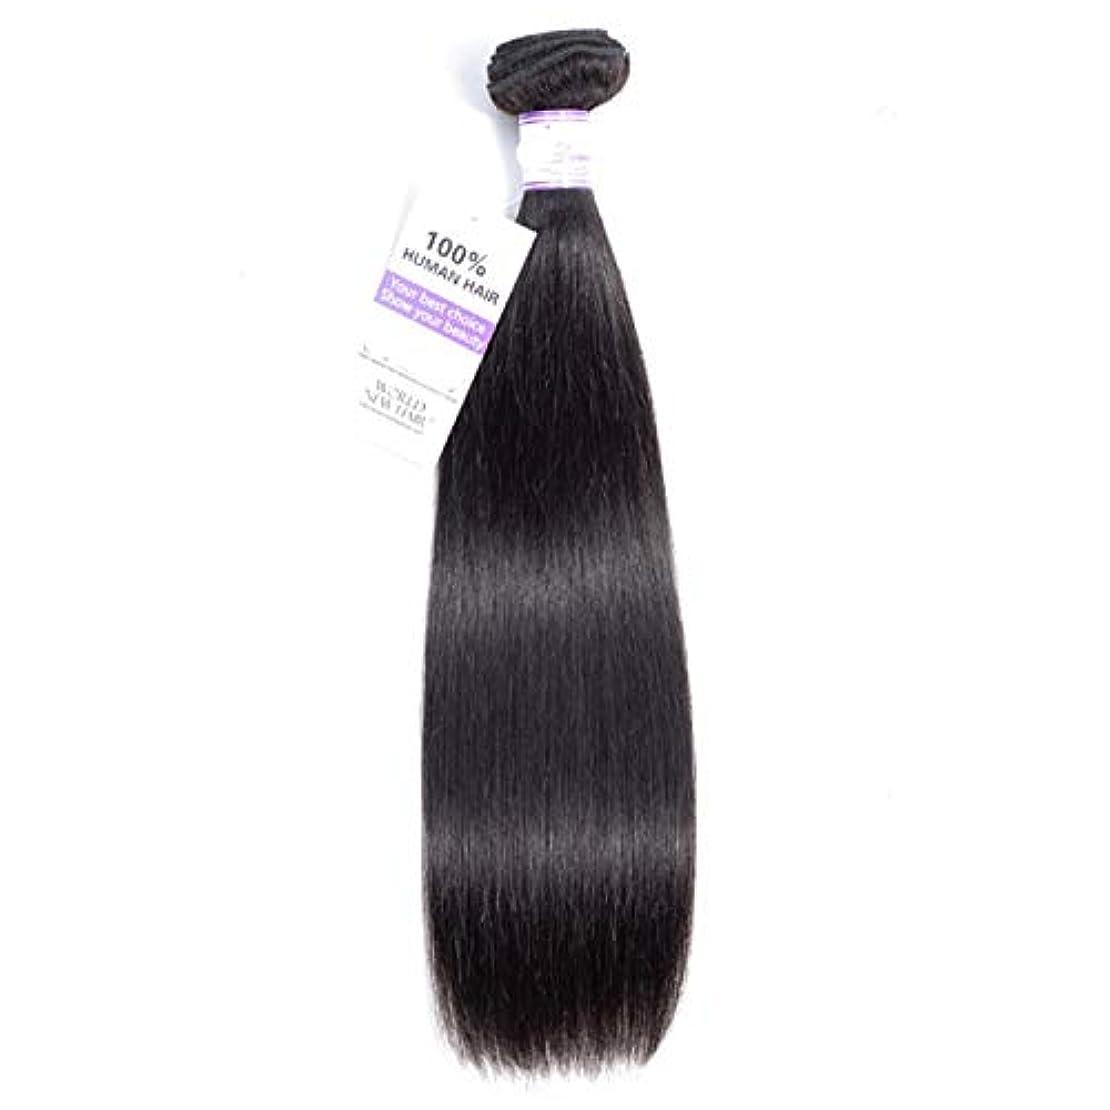 る全員そのようなかつら ペルーのストレートヘアバンドル8-28インチ100%人毛織り非レミーヘアナチュラルカラー1個 (Stretched Length : 28inches)